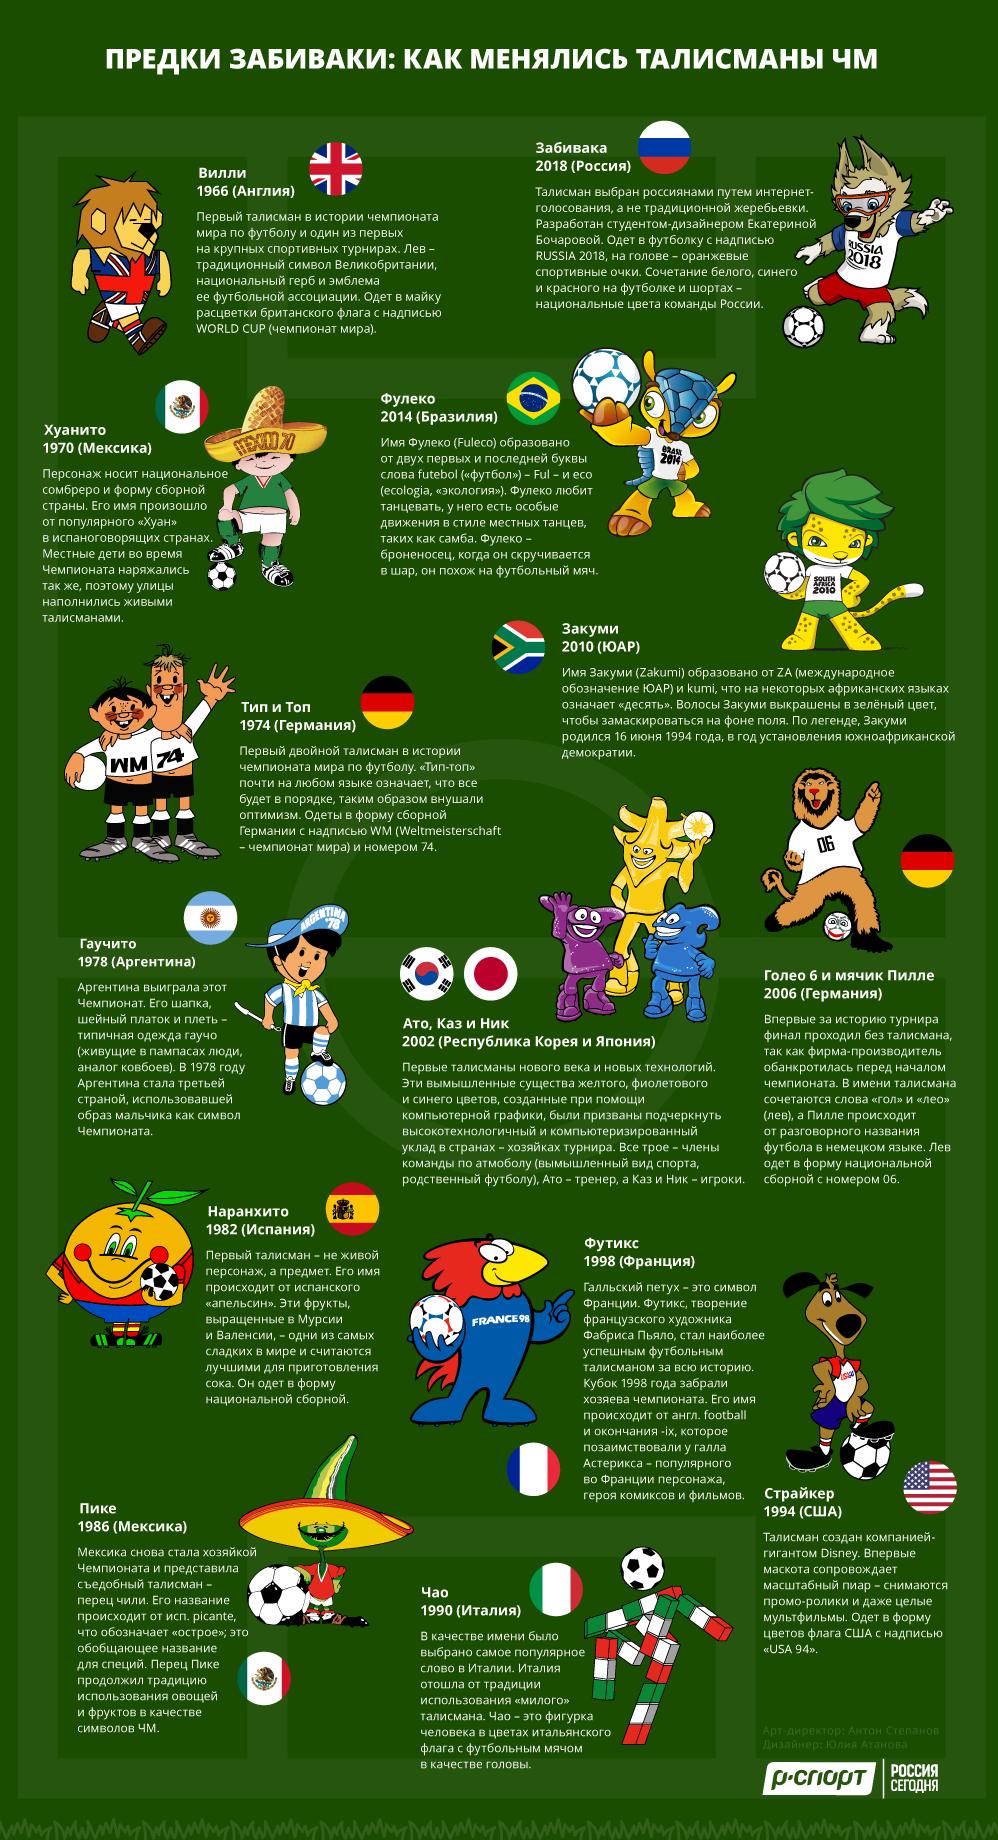 Предки Забиваки: как менялись талисманы ЧМ по футболу